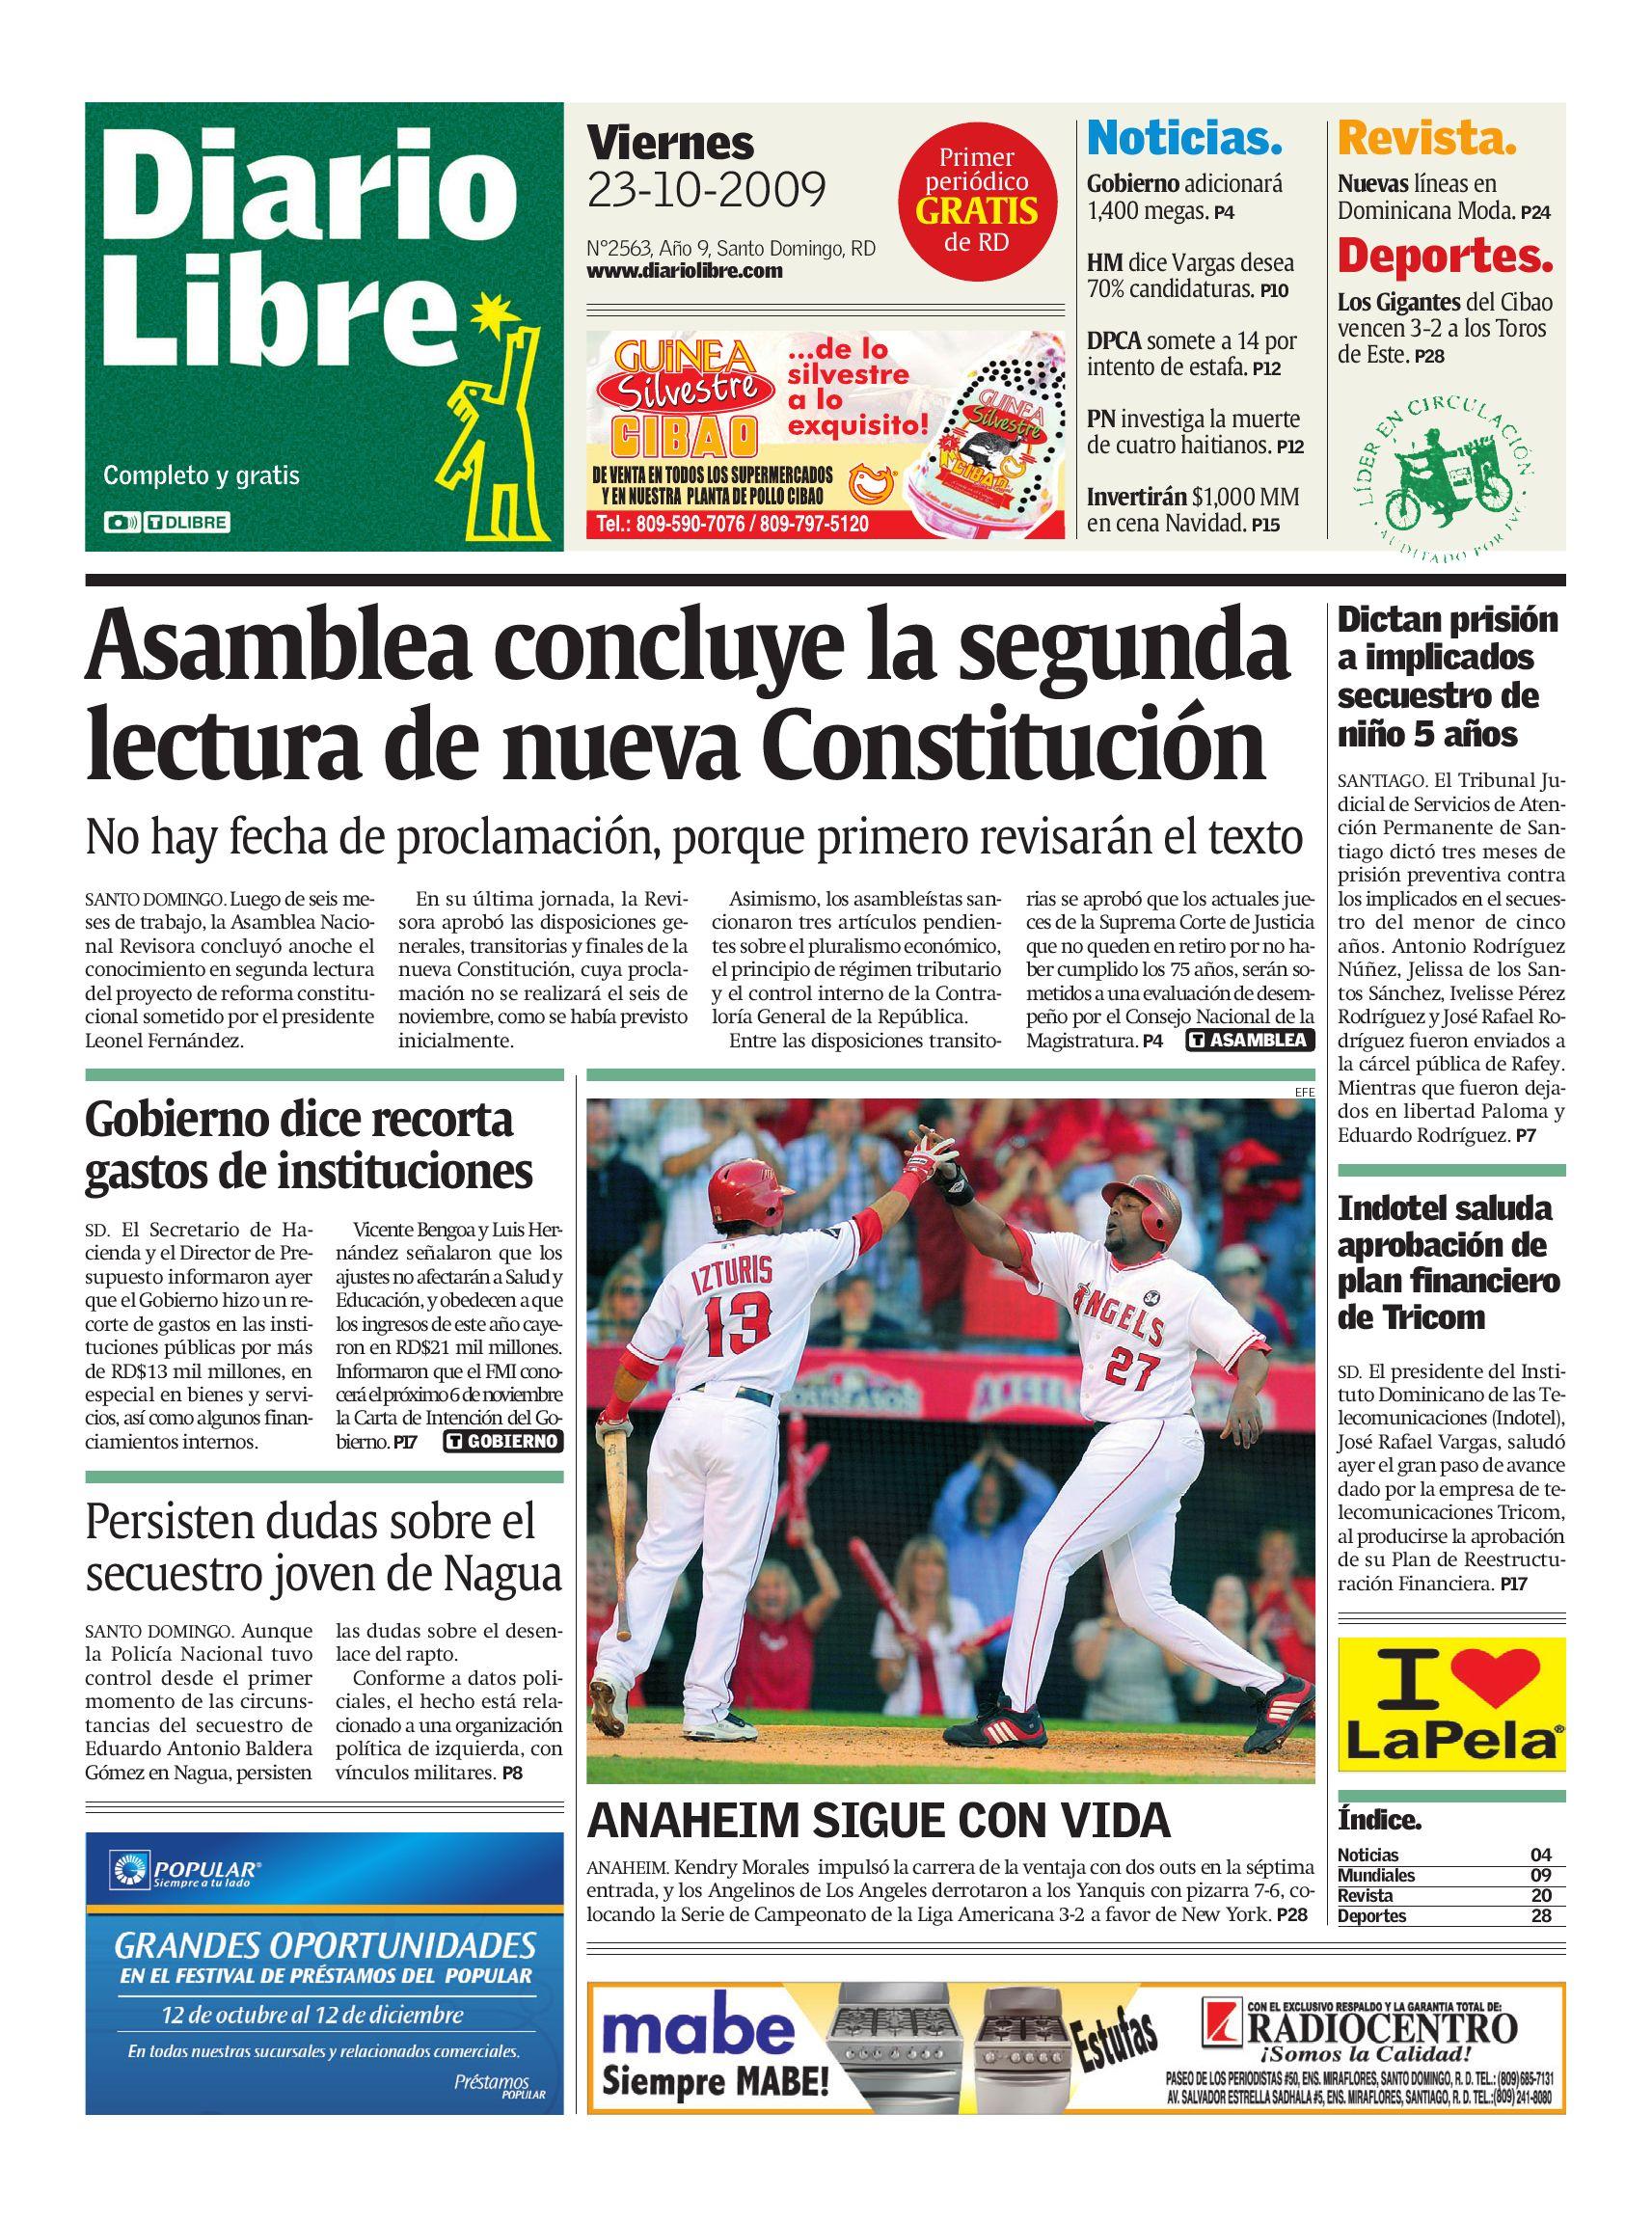 diariolibre2563 by Grupo Diario Libre, S. A. - issuu